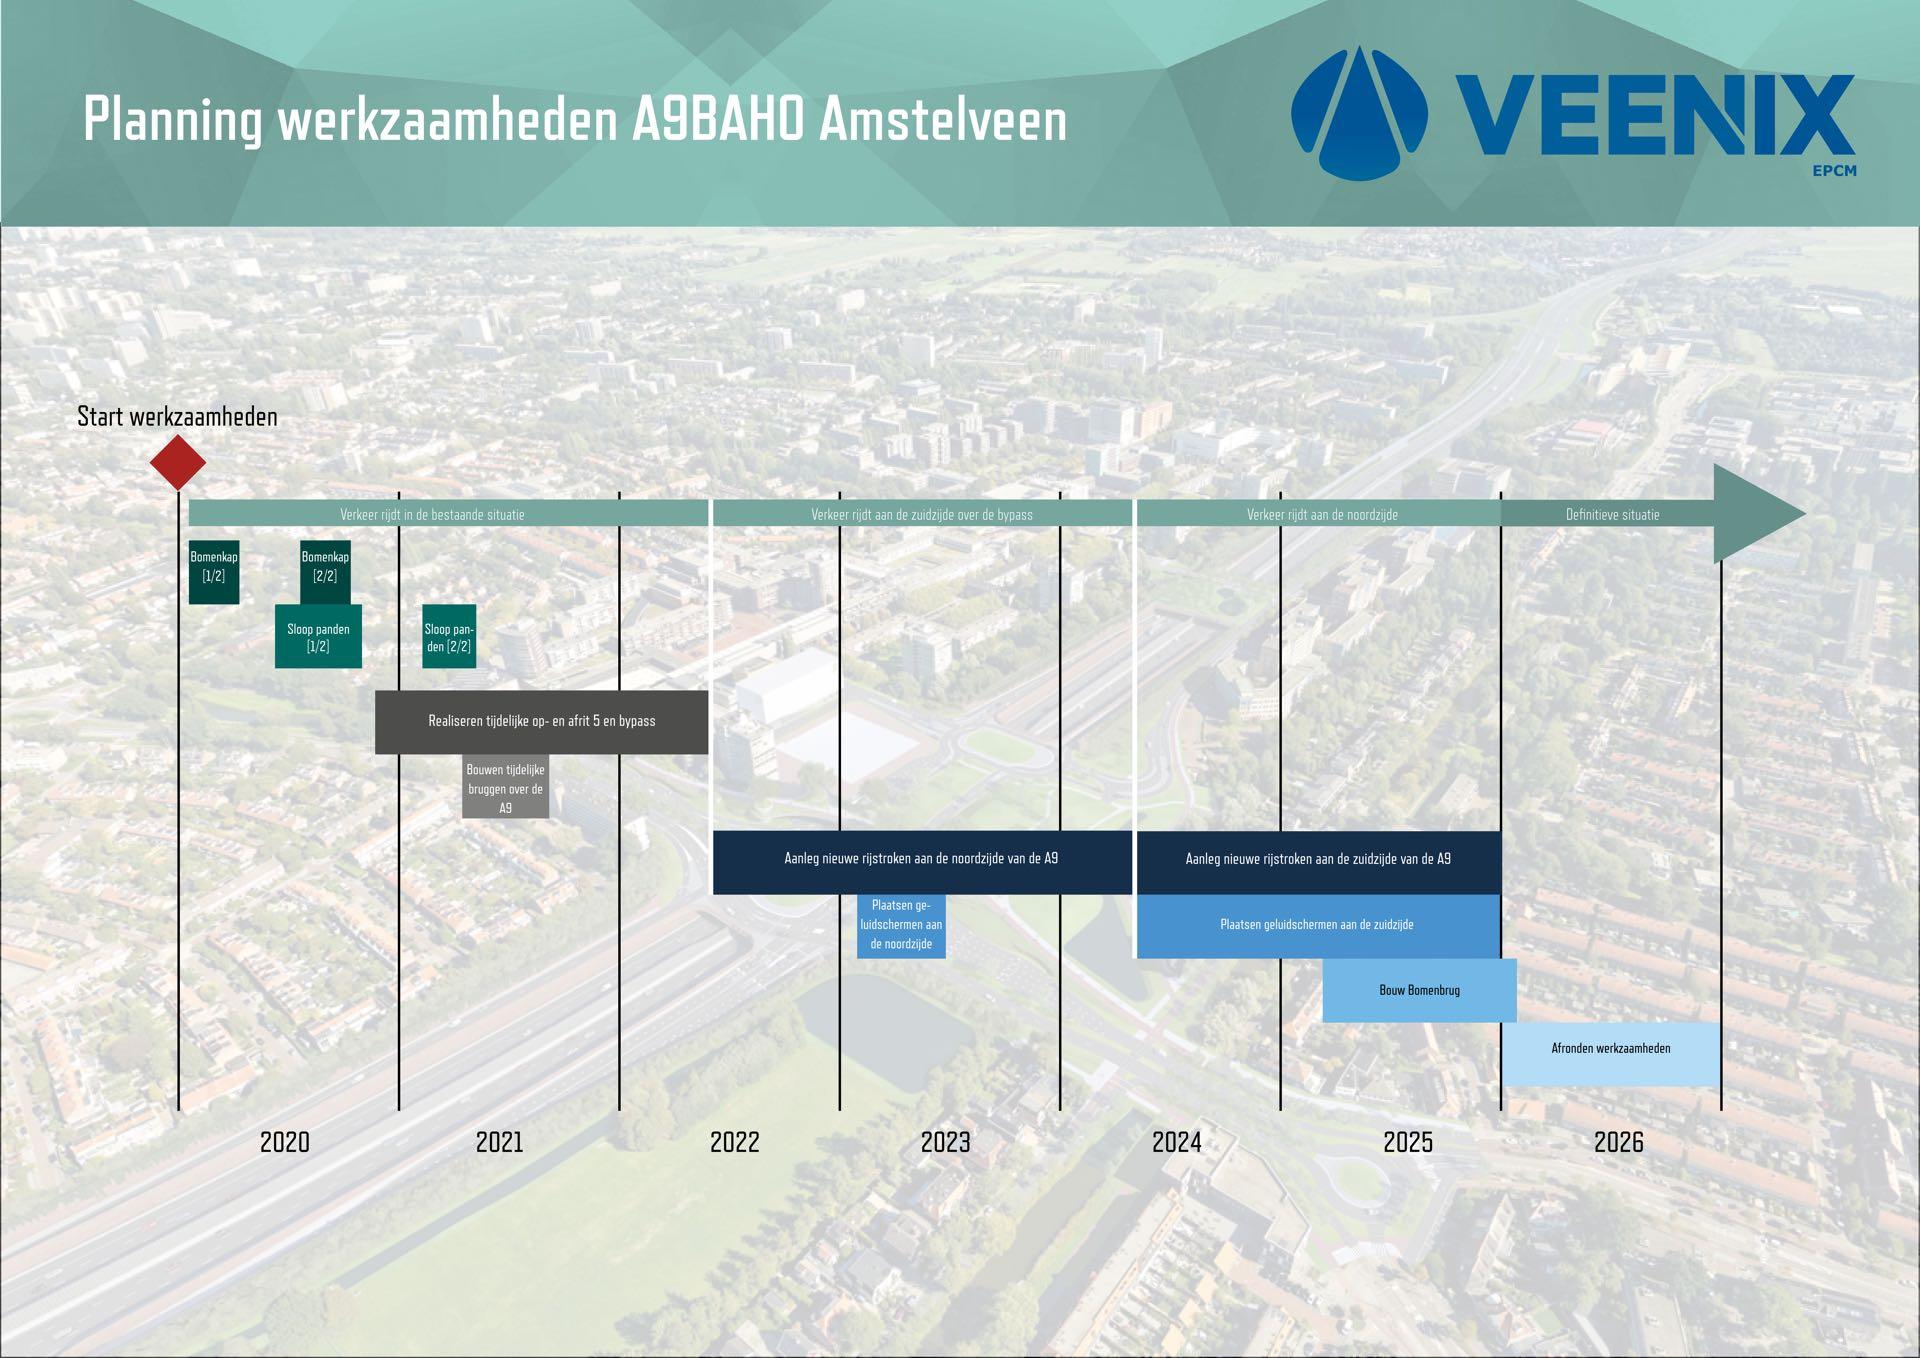 De planing van de werkzaamheden van de A9 in Amstelveen